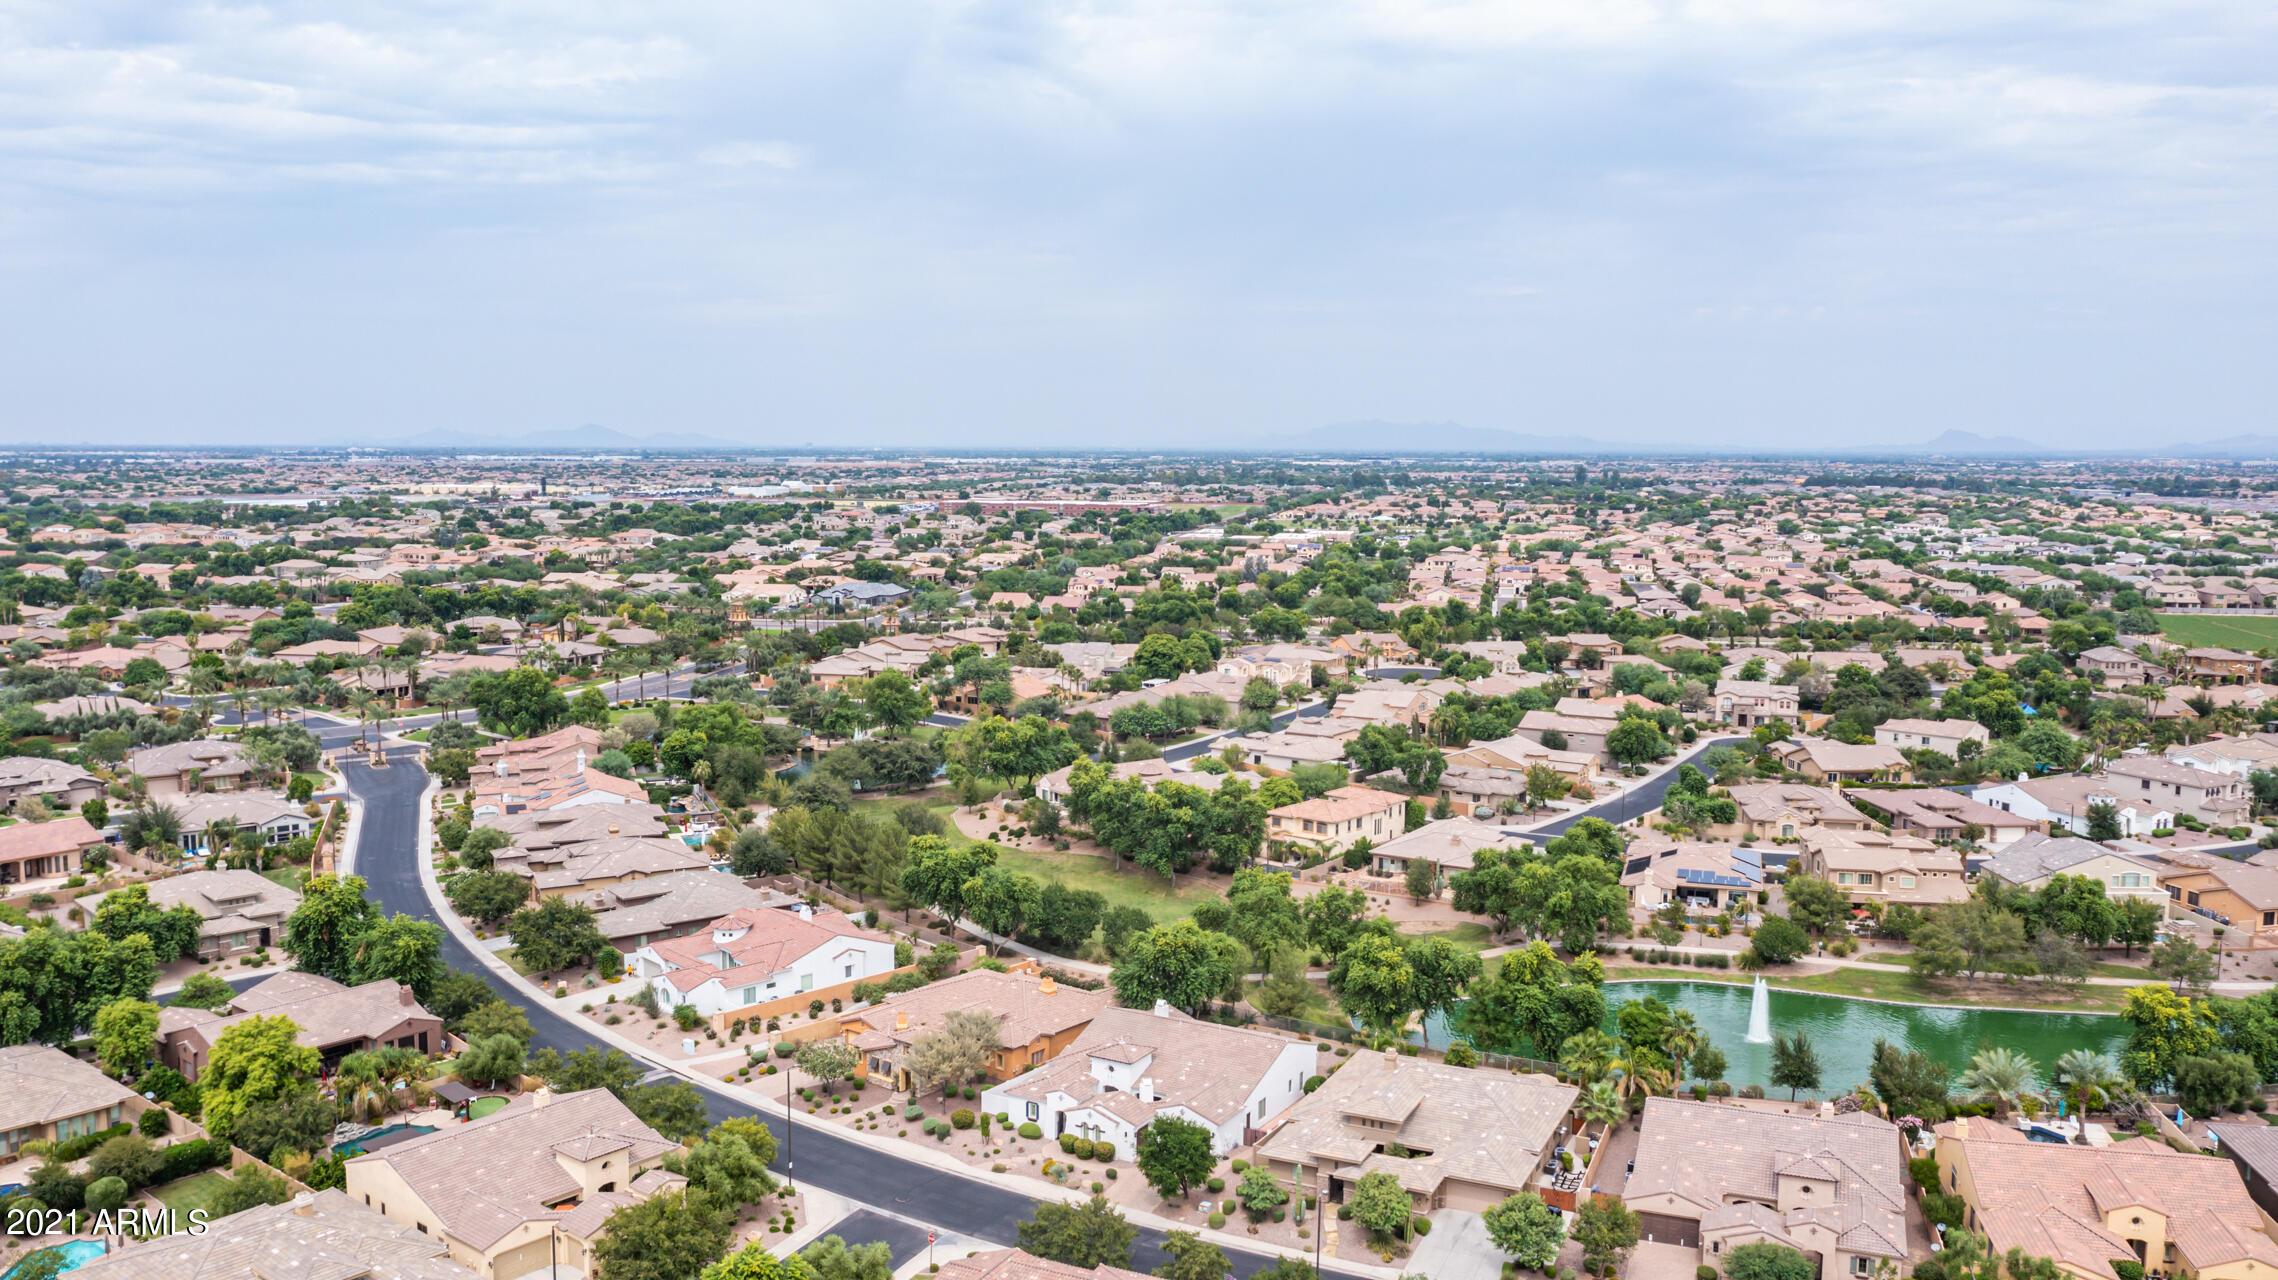 MLS 6295498 3694 E SAN PEDRO Place, Chandler, AZ 85249 85249